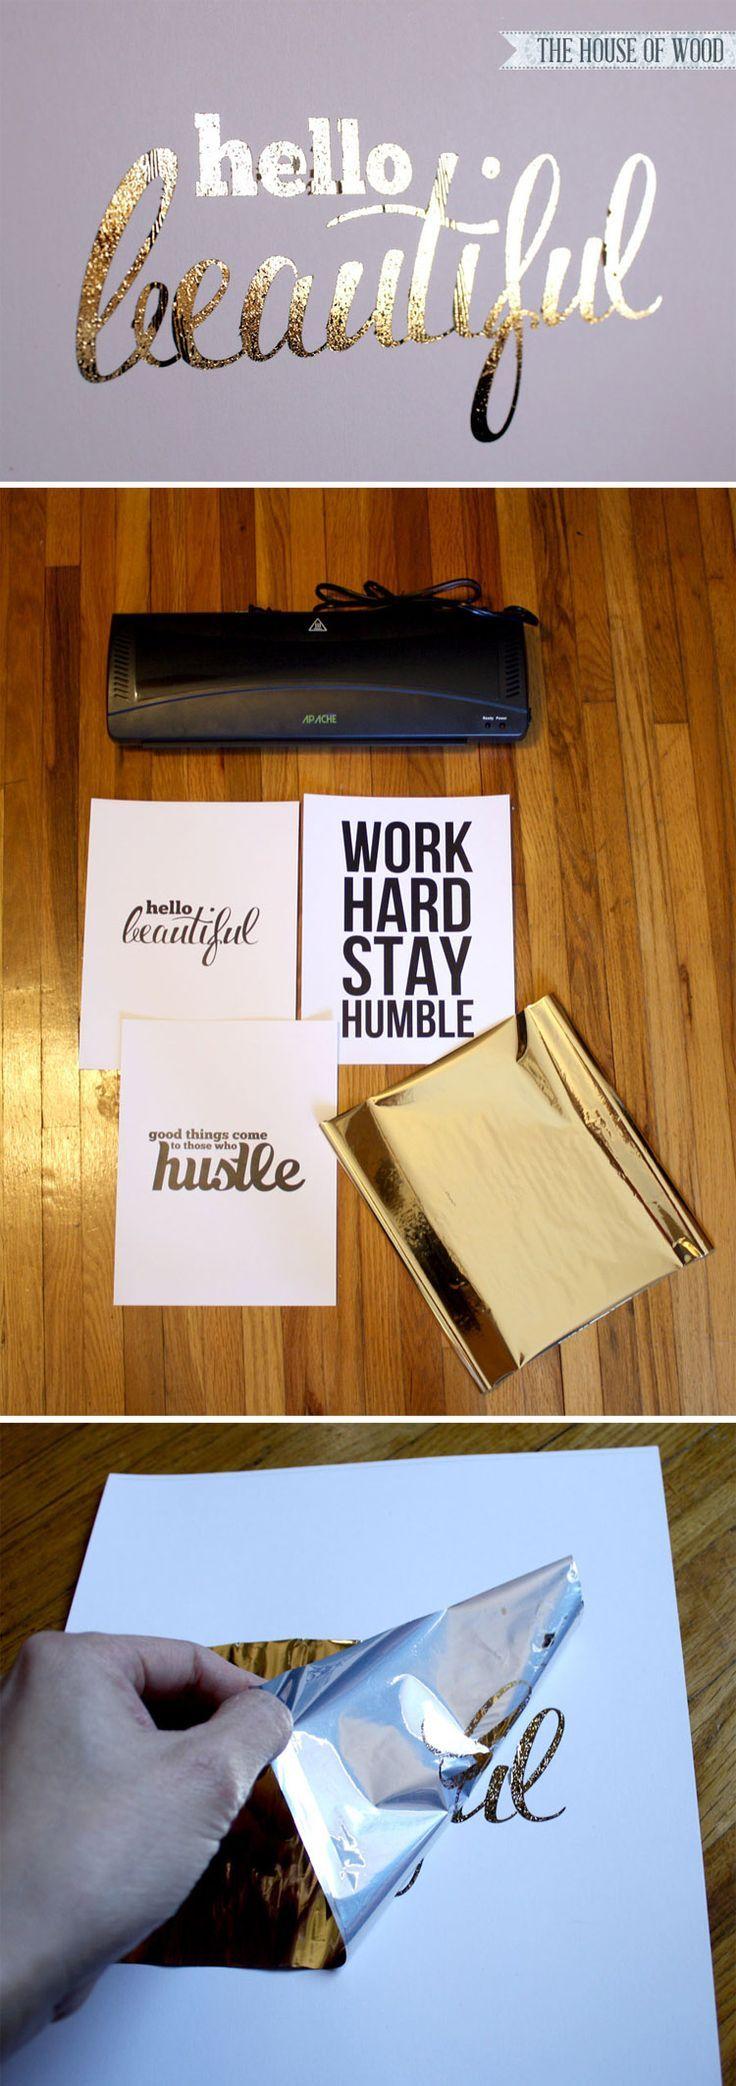 DIY Gold Foil Prints :: hot laminator / laser printed graphics / toner reactive gold foil http://jenwoodhouse.com/diy-gold-foil-prints/